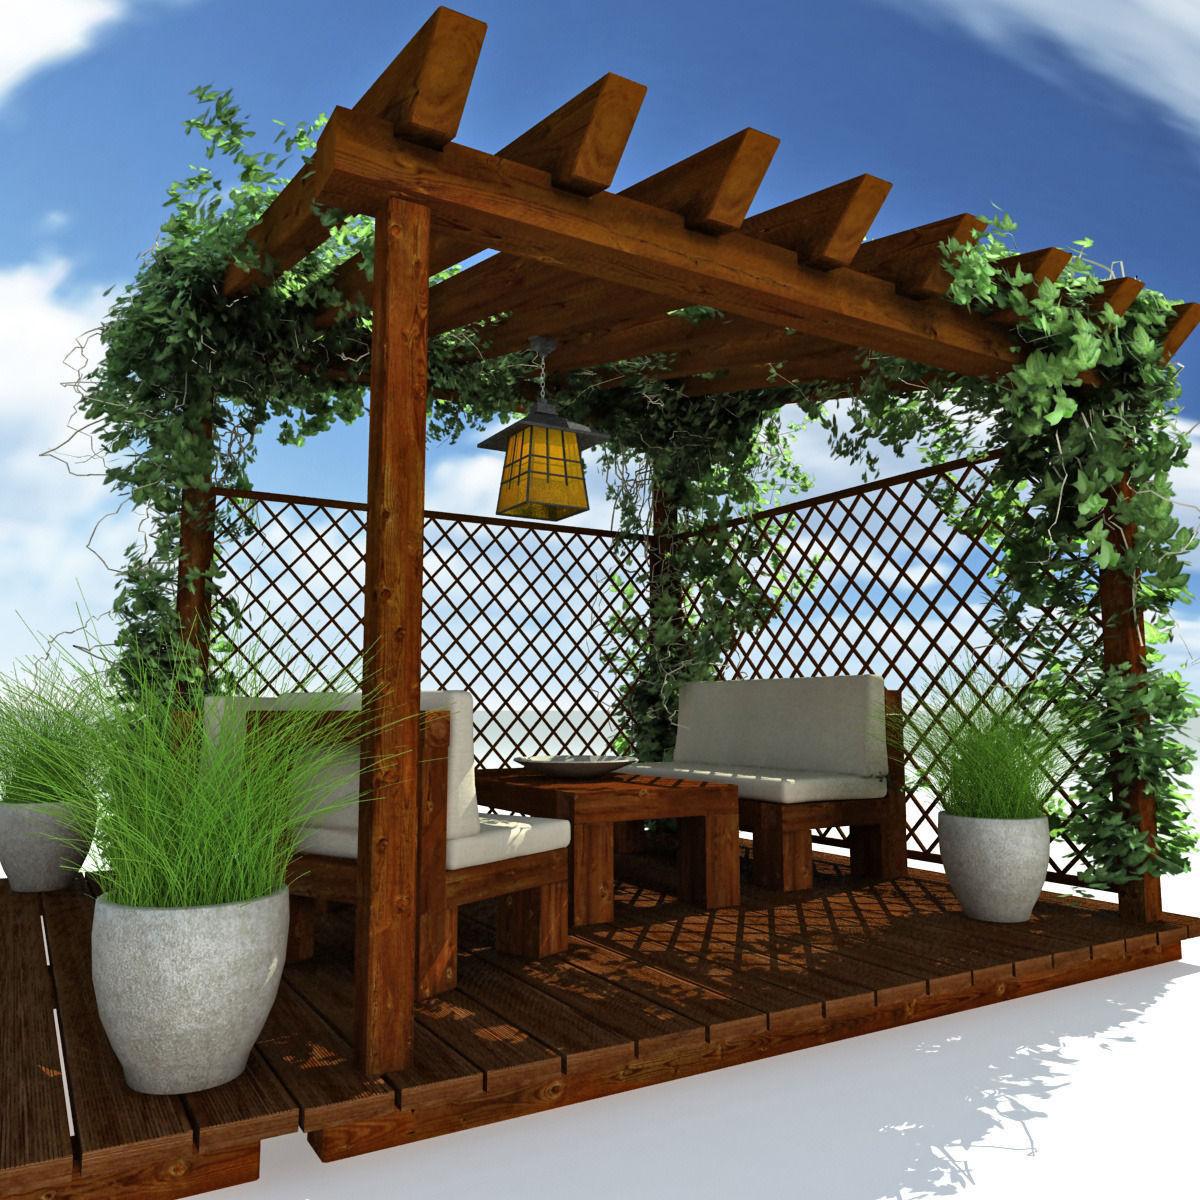 Pergola Garden 3d Model Max Obj 3ds Fbx Mtl 1 ...